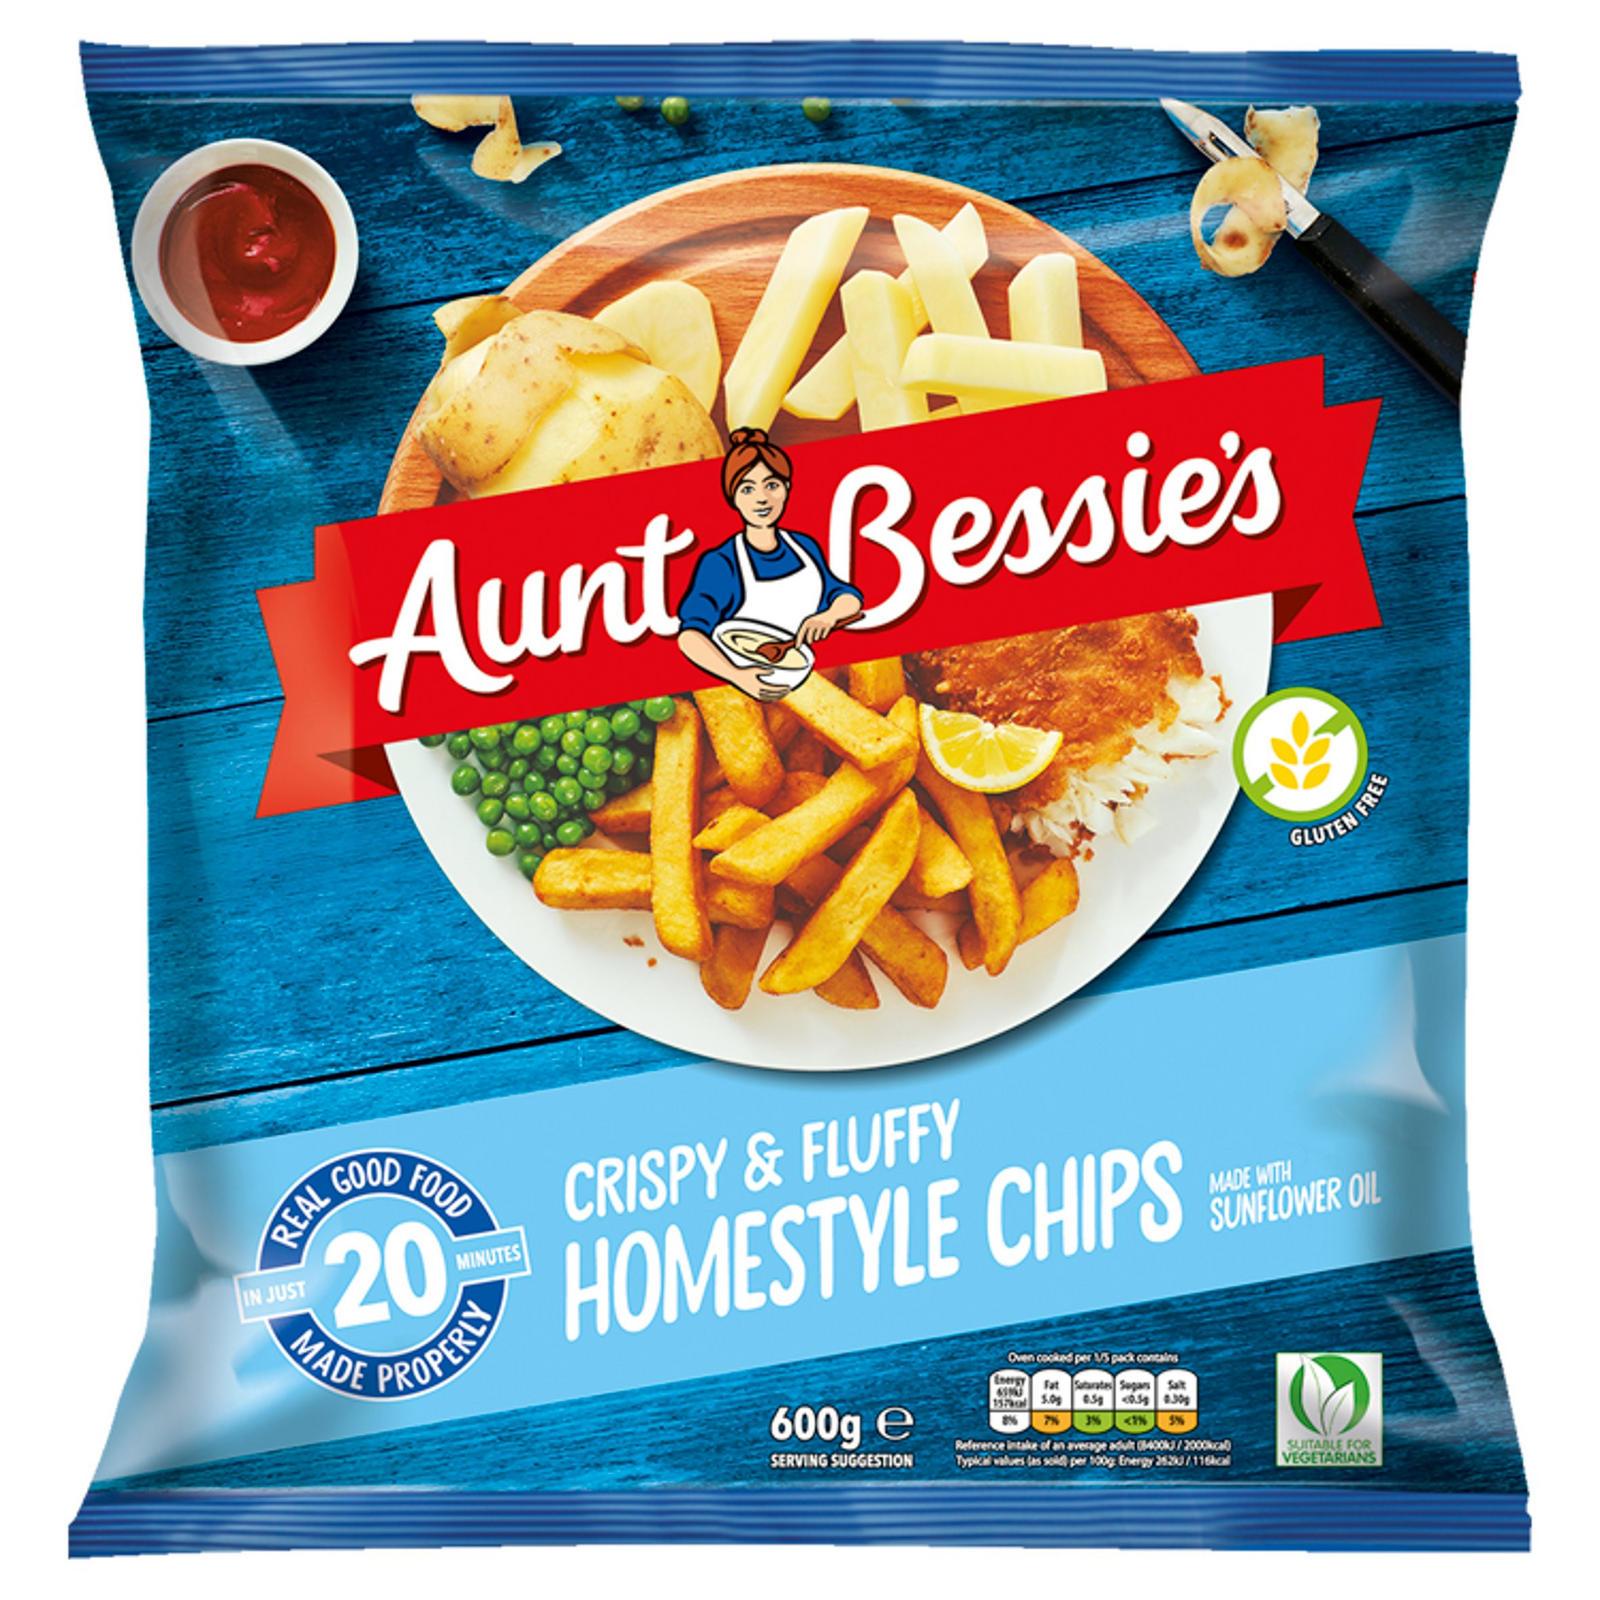 Aunt Bessie's Crispy & Fluffy Homestyle Chips 600g £0.79 @ Iceland